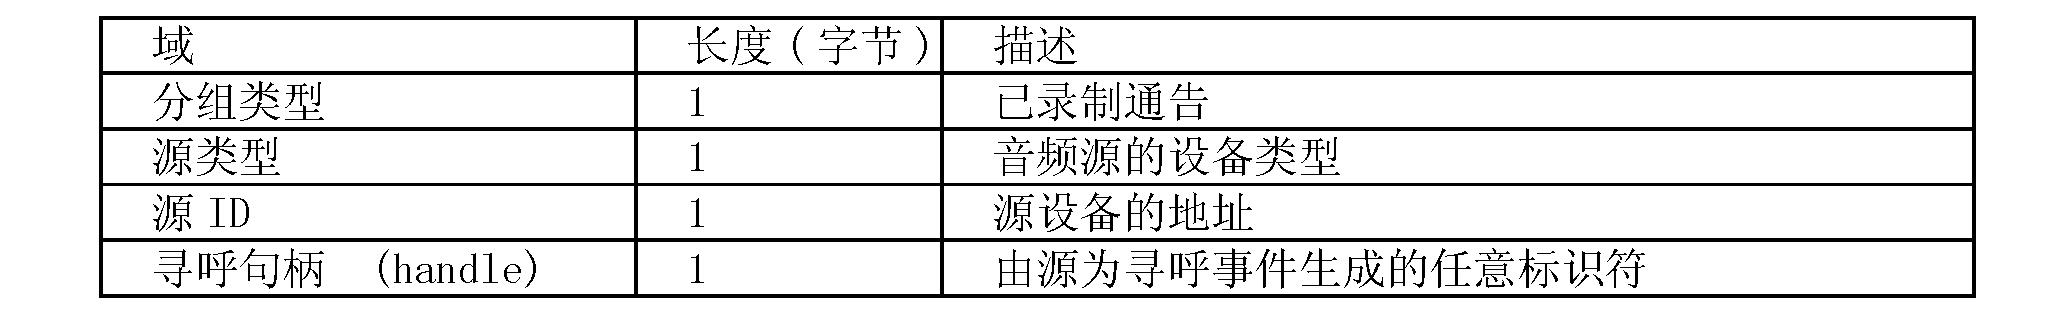 Figure CN101095371BD00123